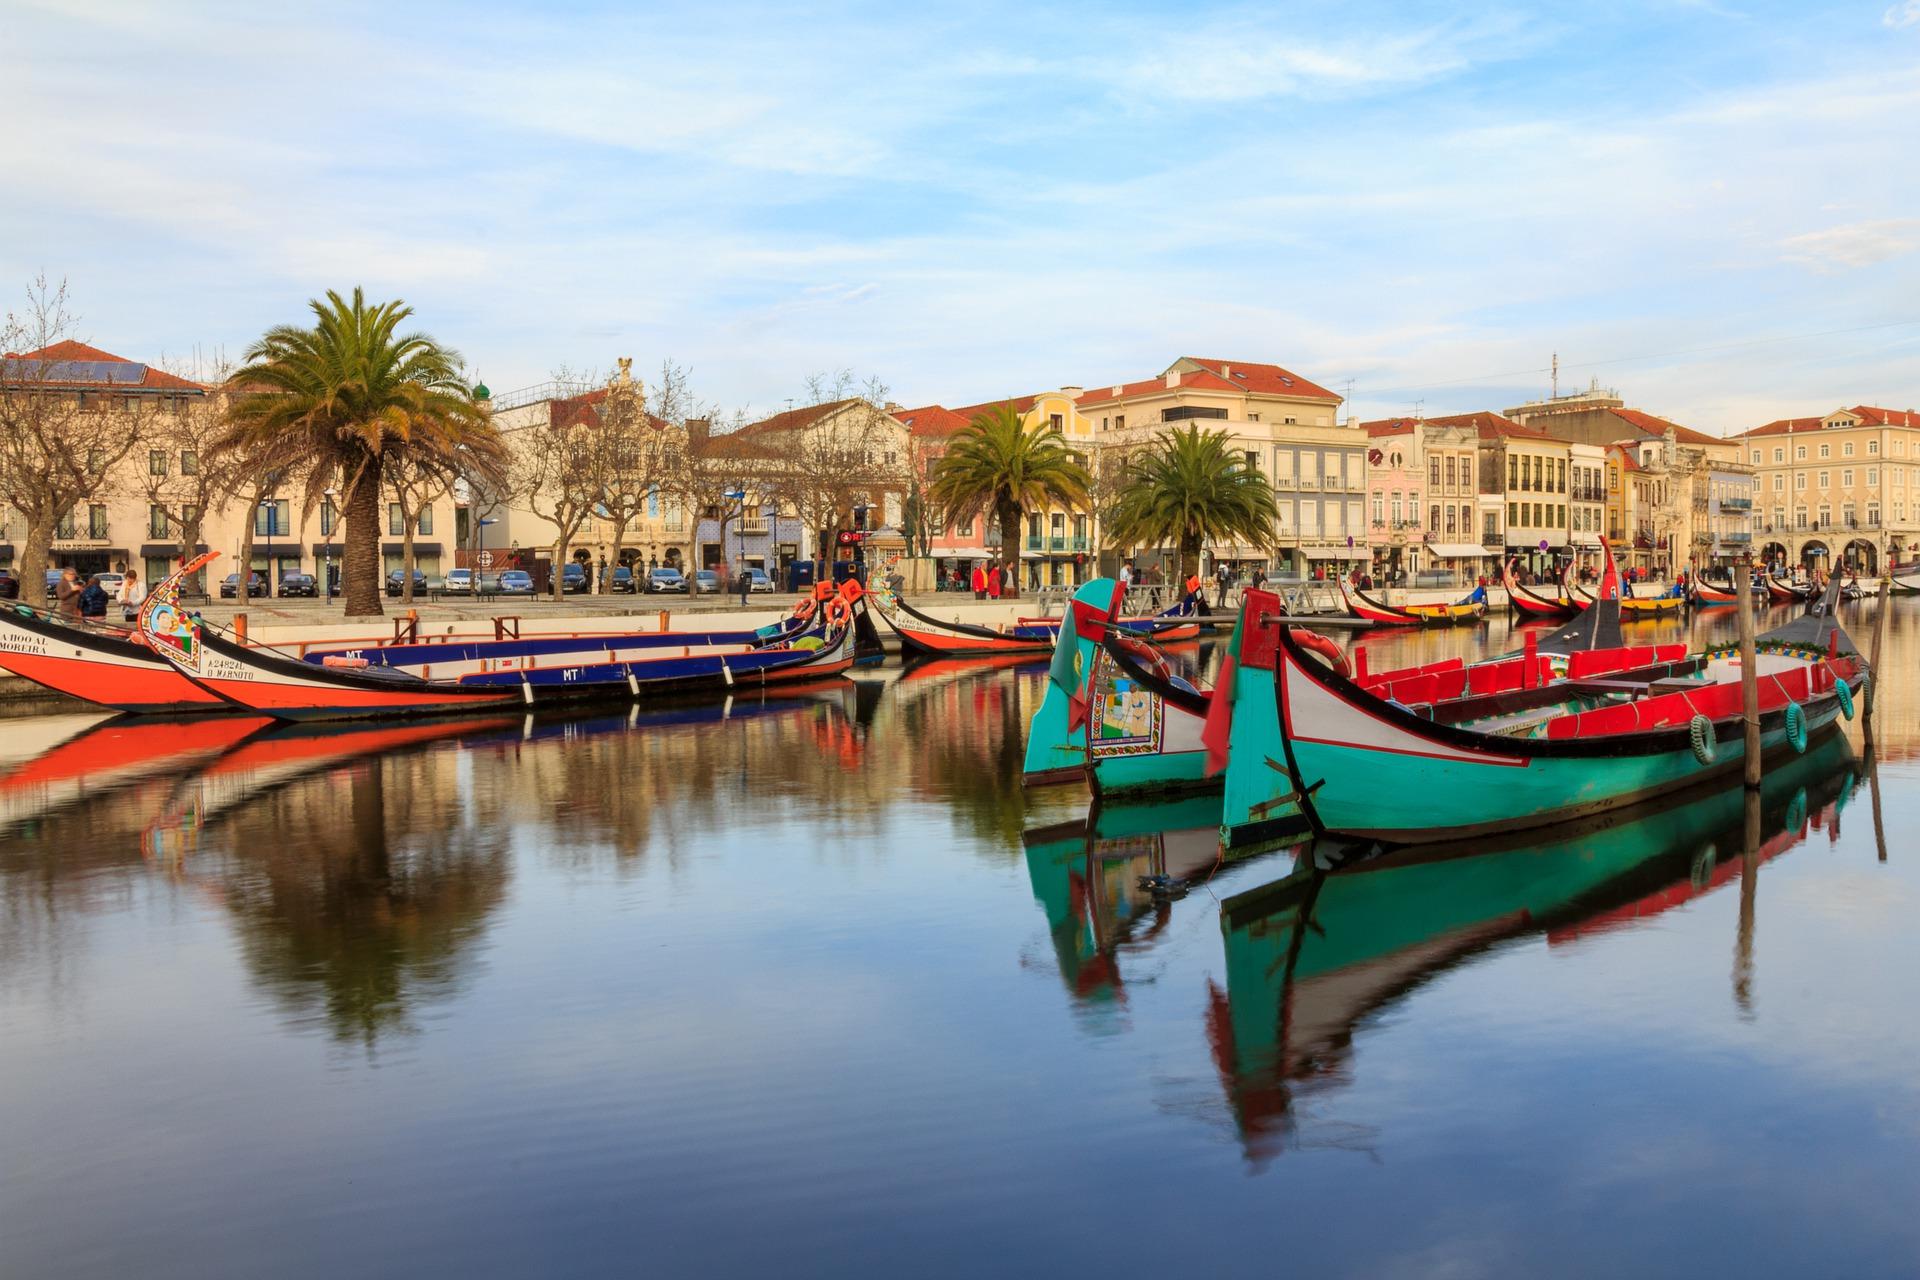 melhores-cidades-para-estudar-em-portugal-aveiro